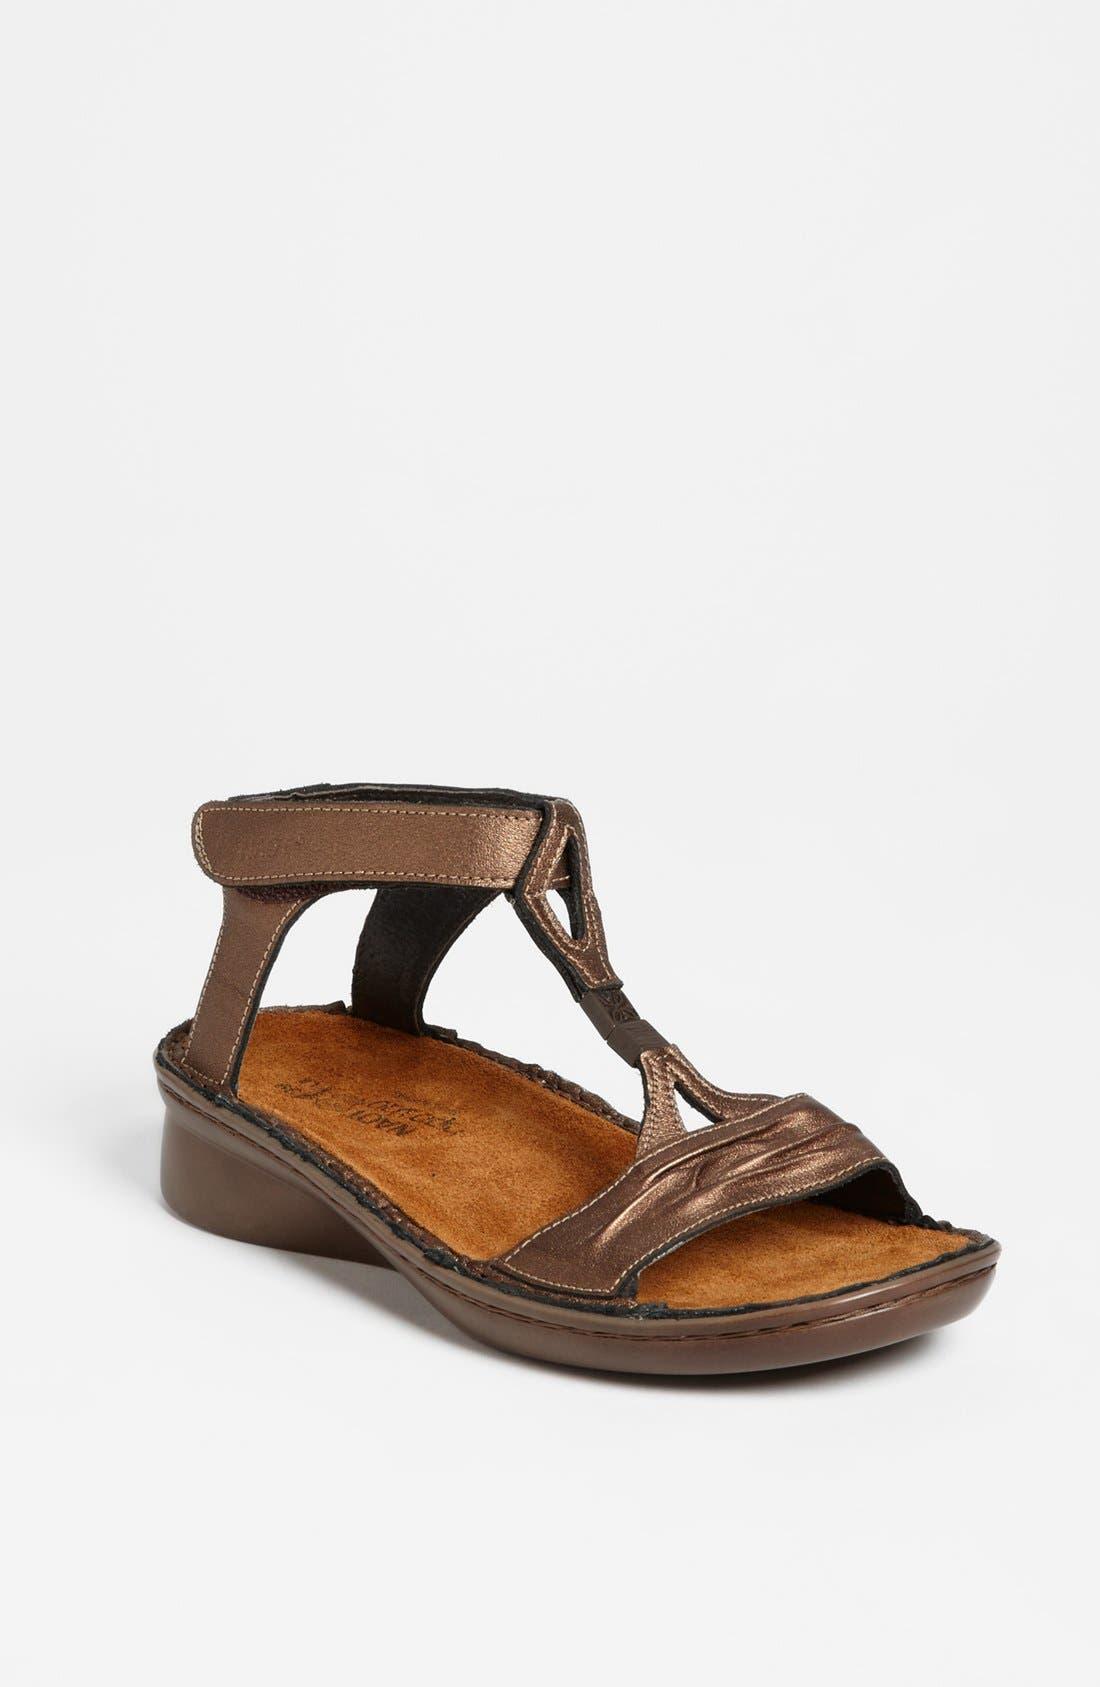 Main Image - Naot 'Cymbal' Sandal